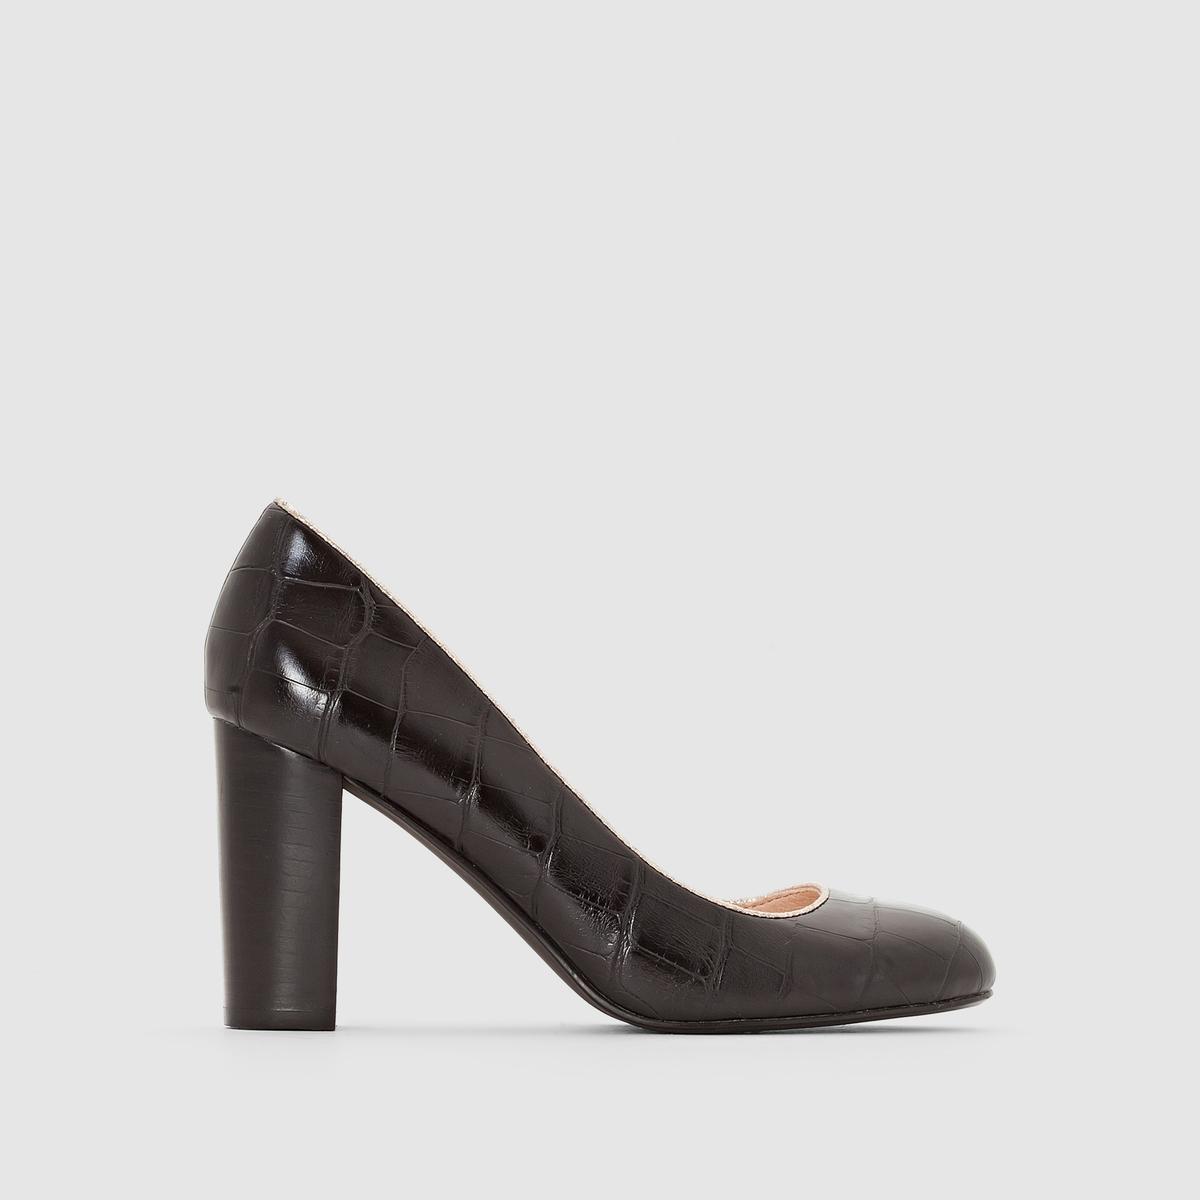 Туфли-лодочки AlexaniaПодкладка: Свиная кожа   Подошва :  Синтетический материал    Высота каблука : 7 - 9 см   Застежка : без застежки<br><br>Цвет: черный<br>Размер: 40.39